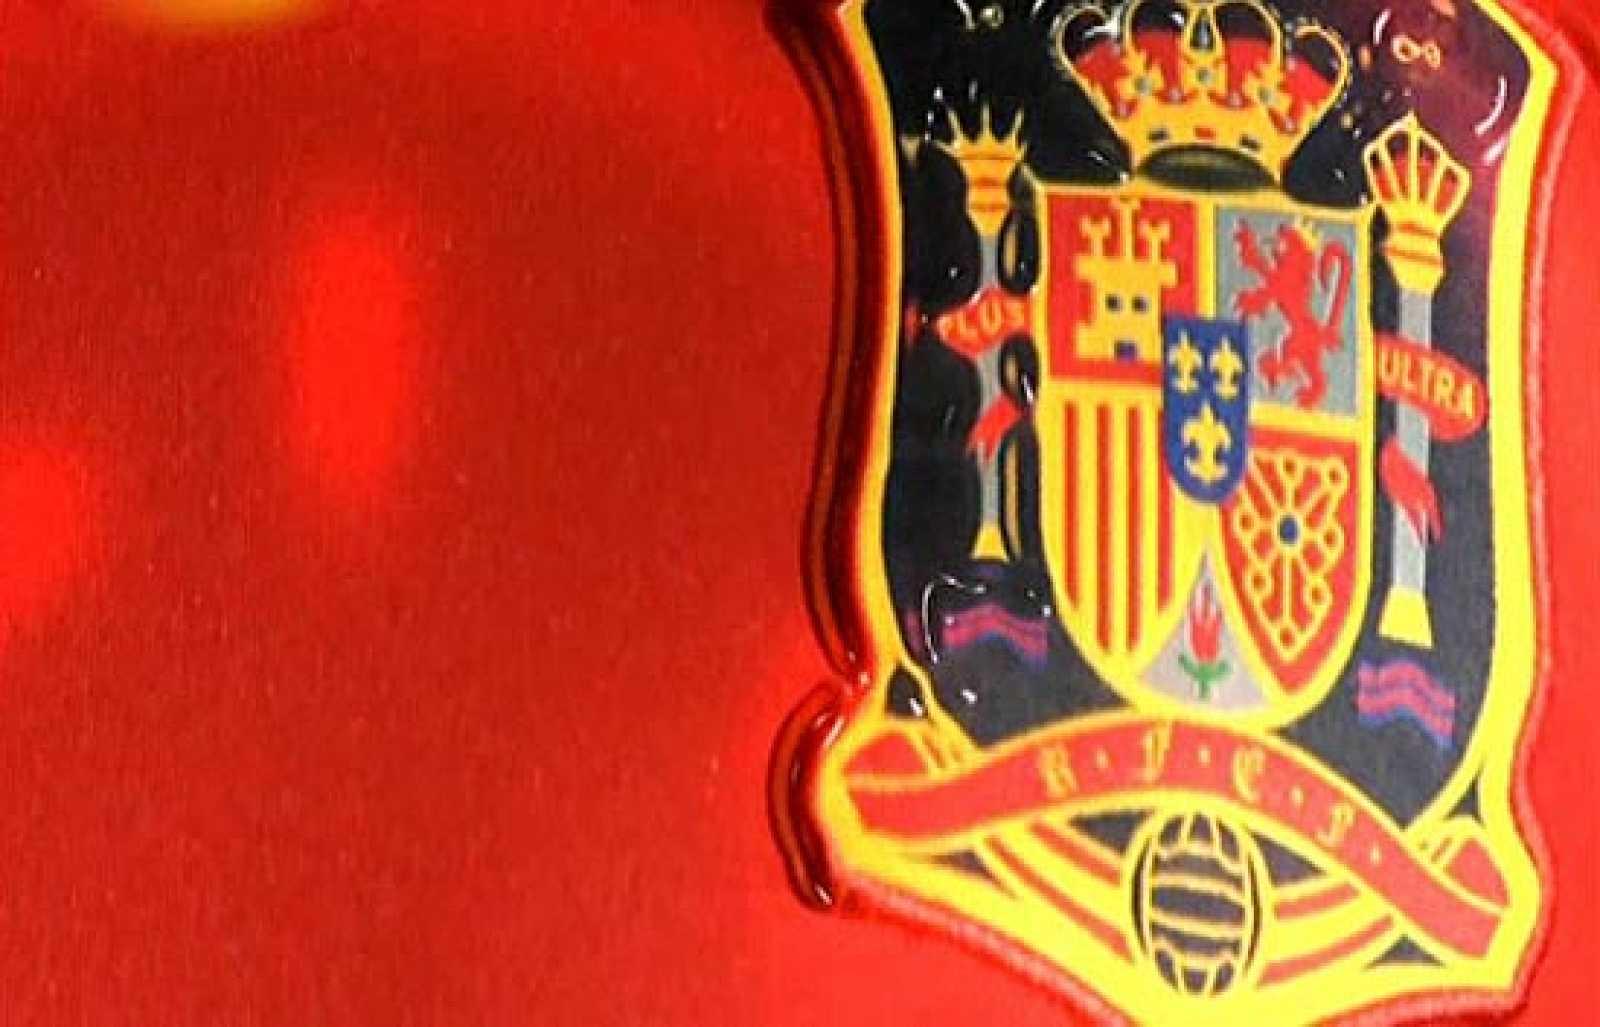 Los jugadores de la Selección española de fútbol envían un regalo a Verdasco para que el espíritu de 'La Roja' le ayude a ganar la Copa  al equipo español en el último spot de Adidas.